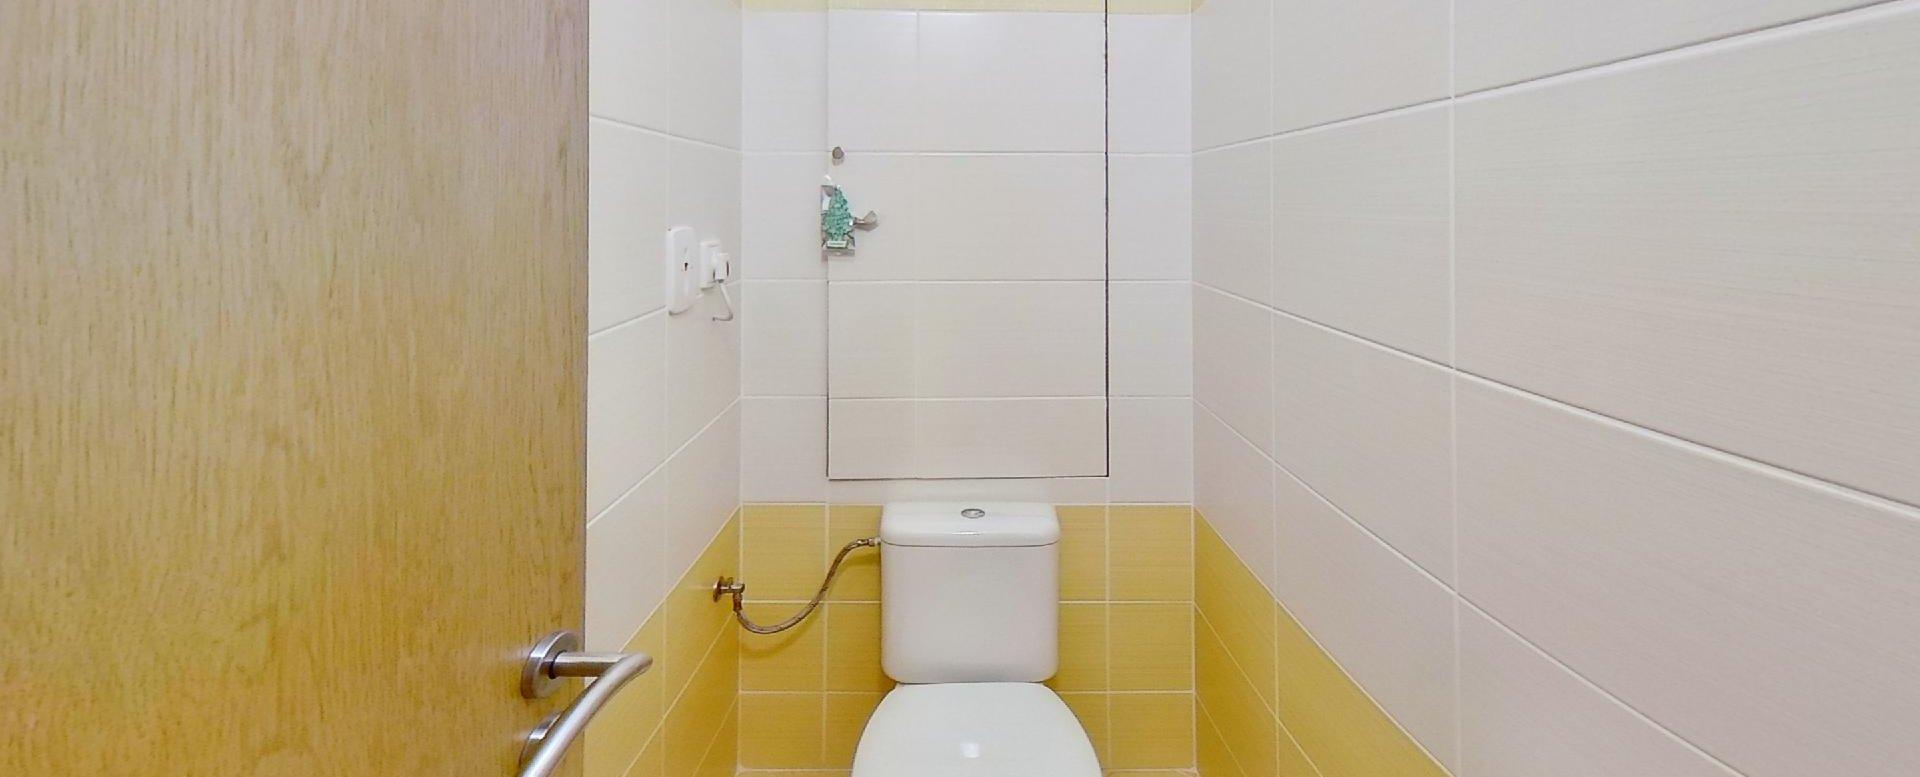 Toaleta Obývacia izba s kuchynskou linkou v 2-izbovom byte na ulici Jana Kráľa v Čadci